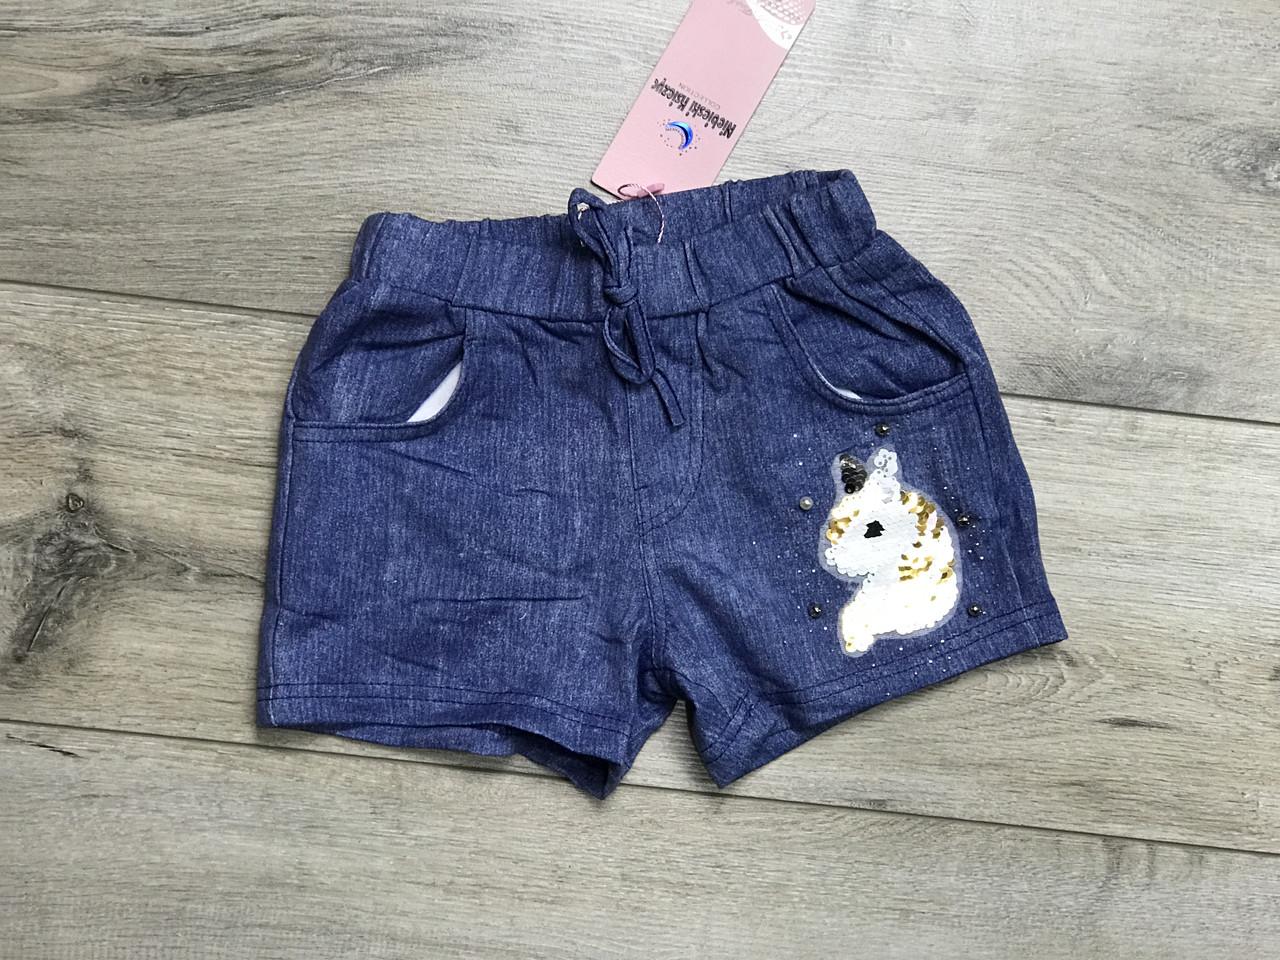 Трикотажные шорты под джинс. ( Паетки перевертыши). 4- 8 лет